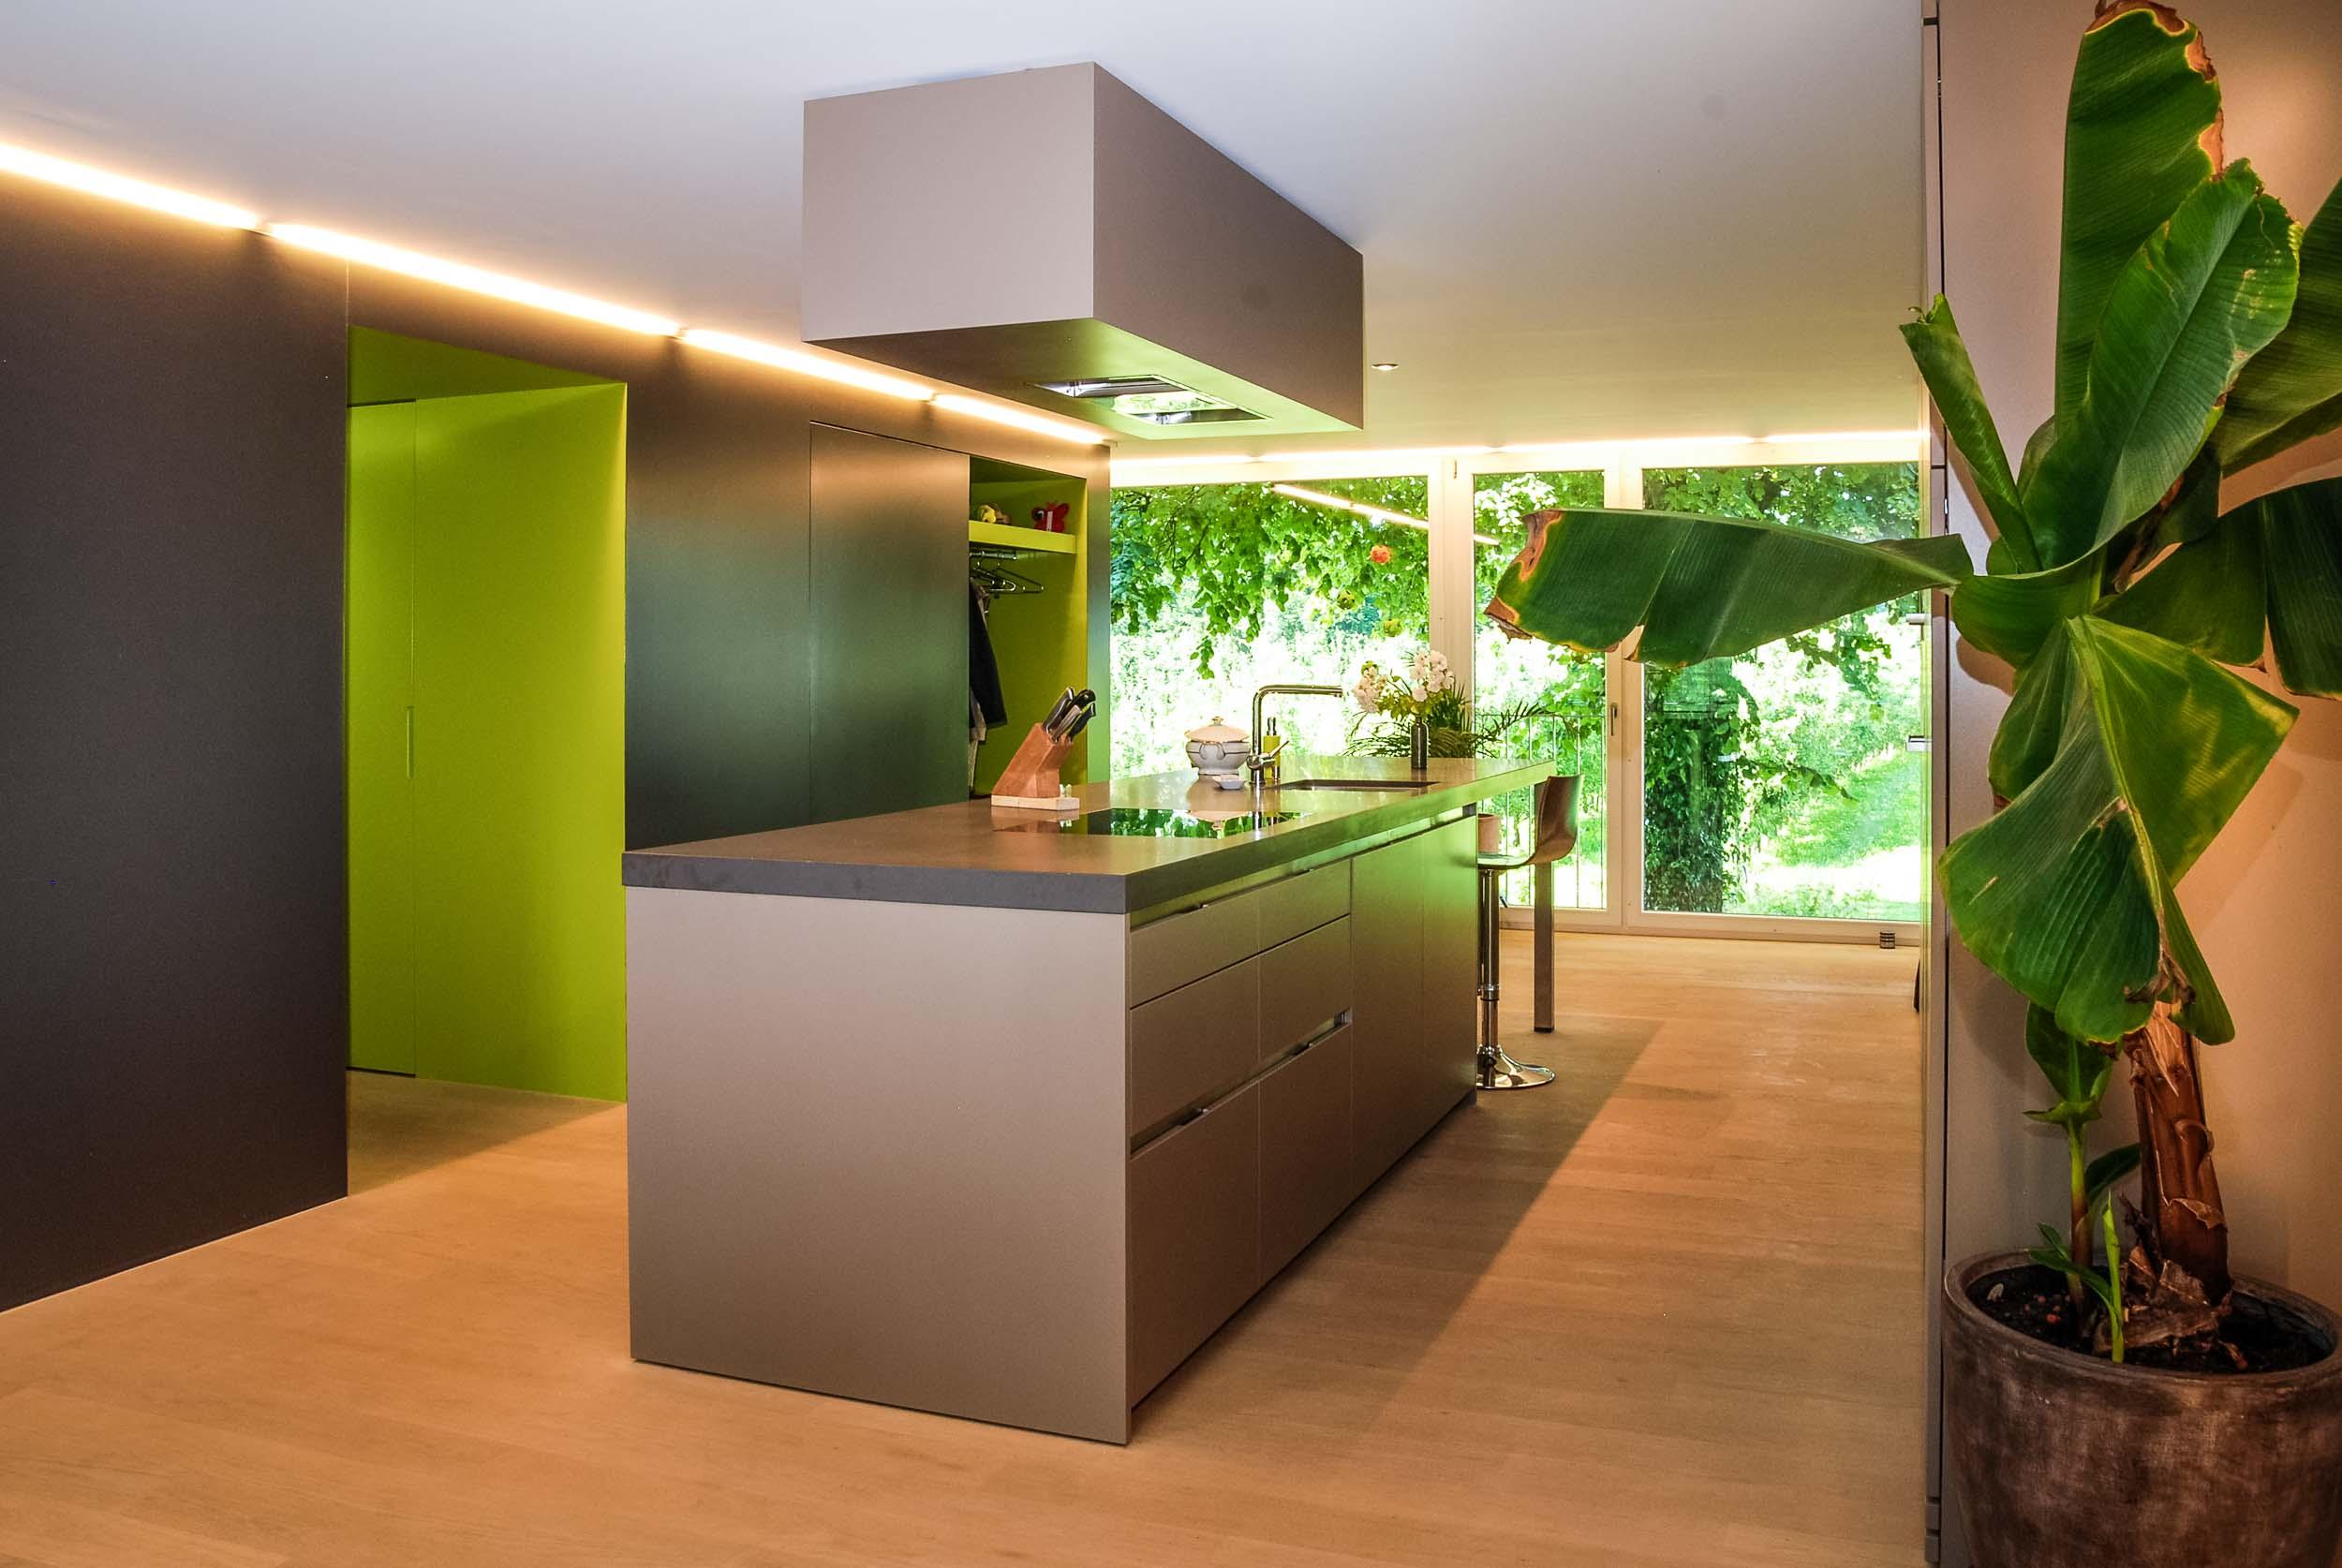 bauen mit holz kologisch und wirtschaftlich sinnvoll schindler scheibling ag. Black Bedroom Furniture Sets. Home Design Ideas